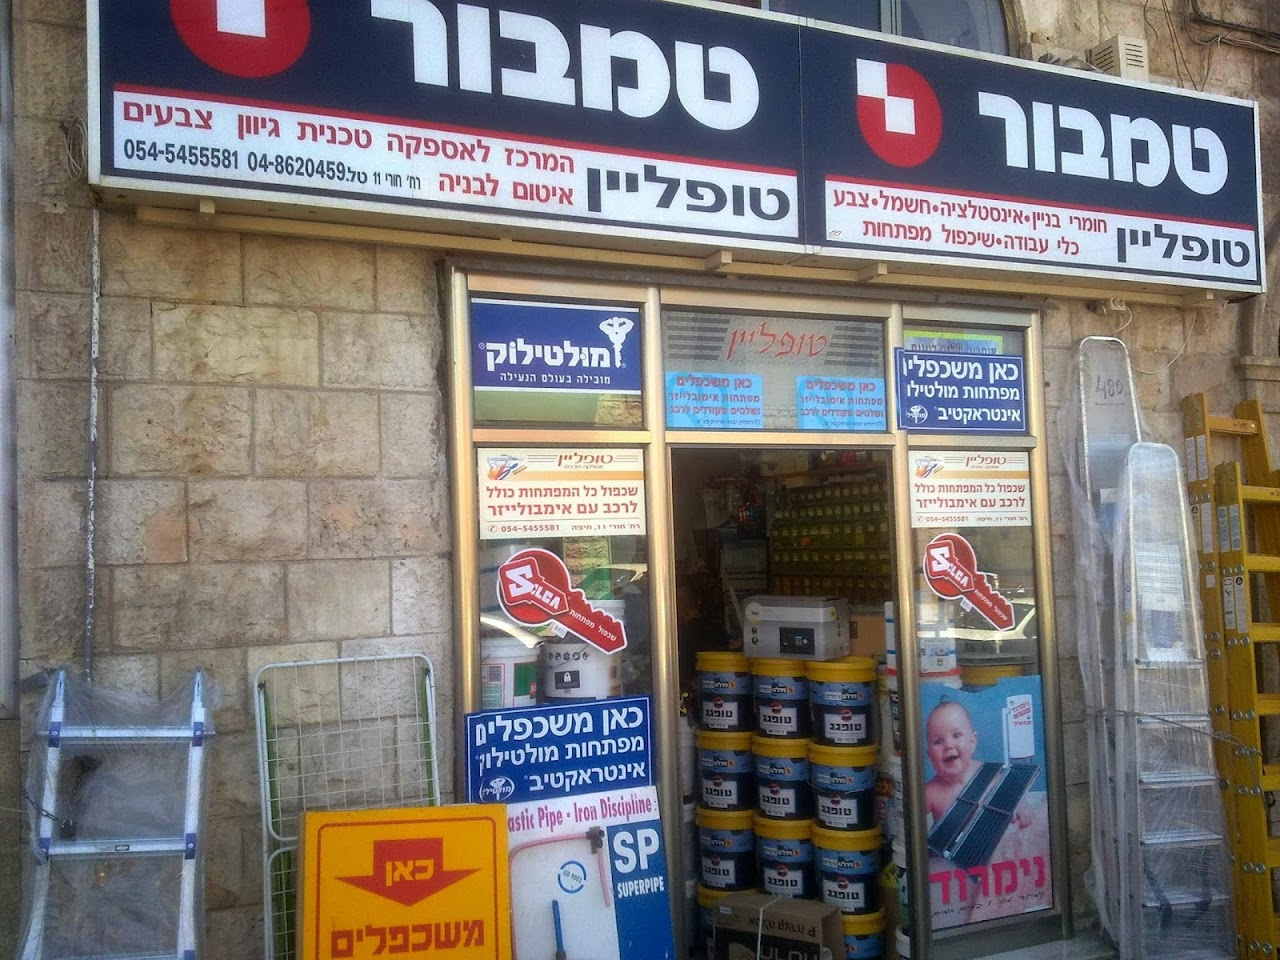 מודרני אחסאן גטאס טופליין - ח'ורי 11, חיפה - חנות חומרי בניין - איזי JF-72